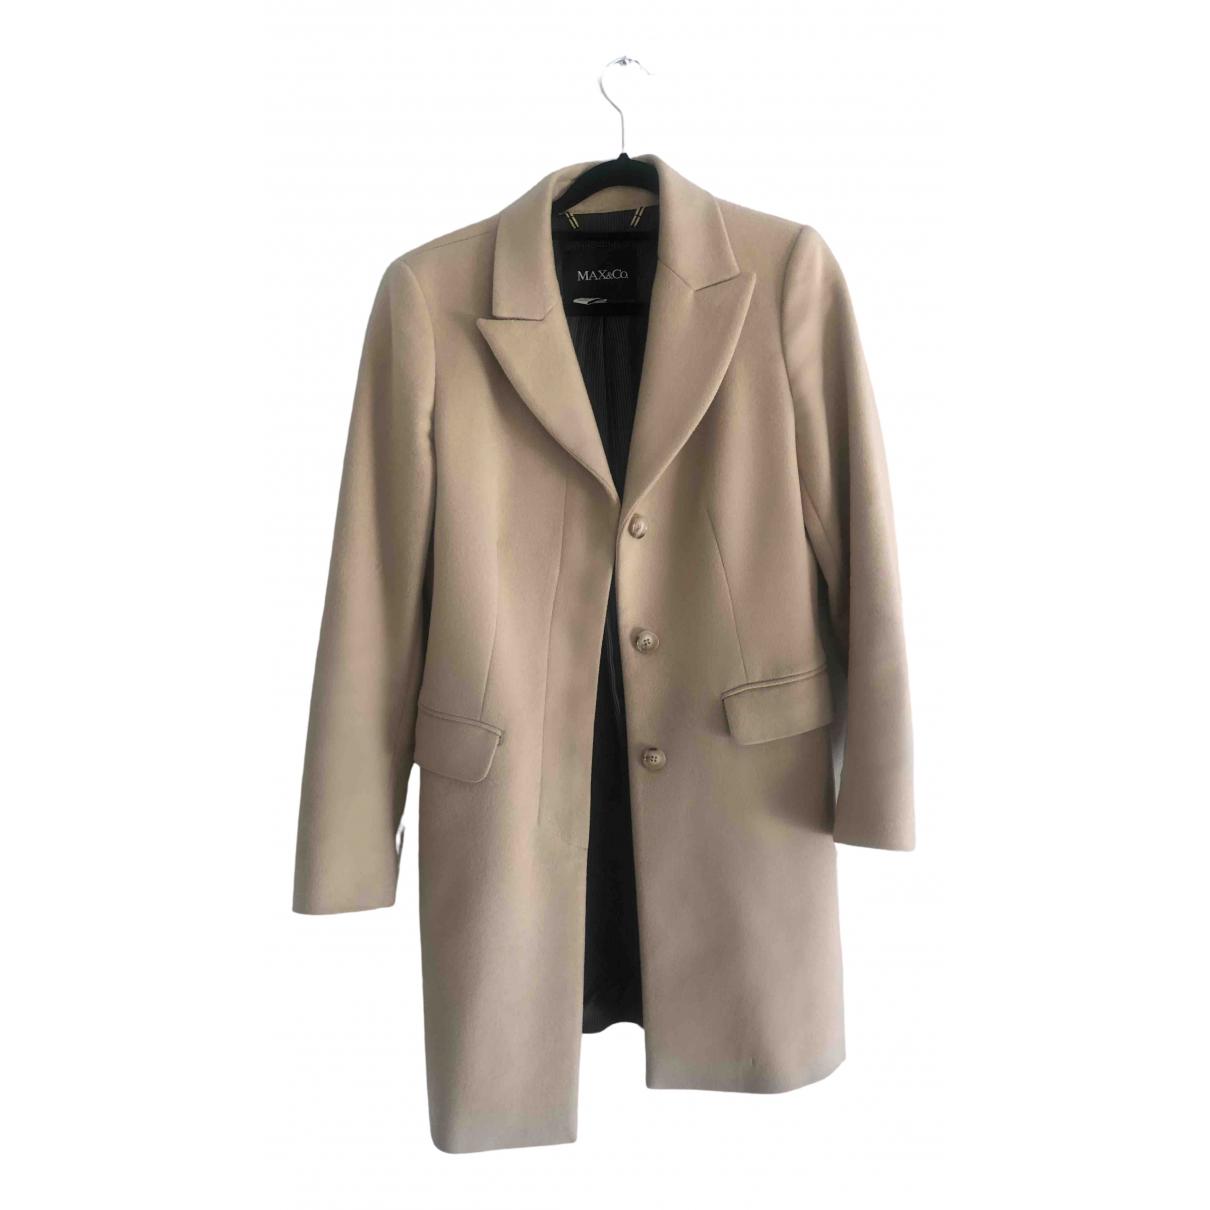 Max & Co \N Beige Wool coat for Women 38 IT